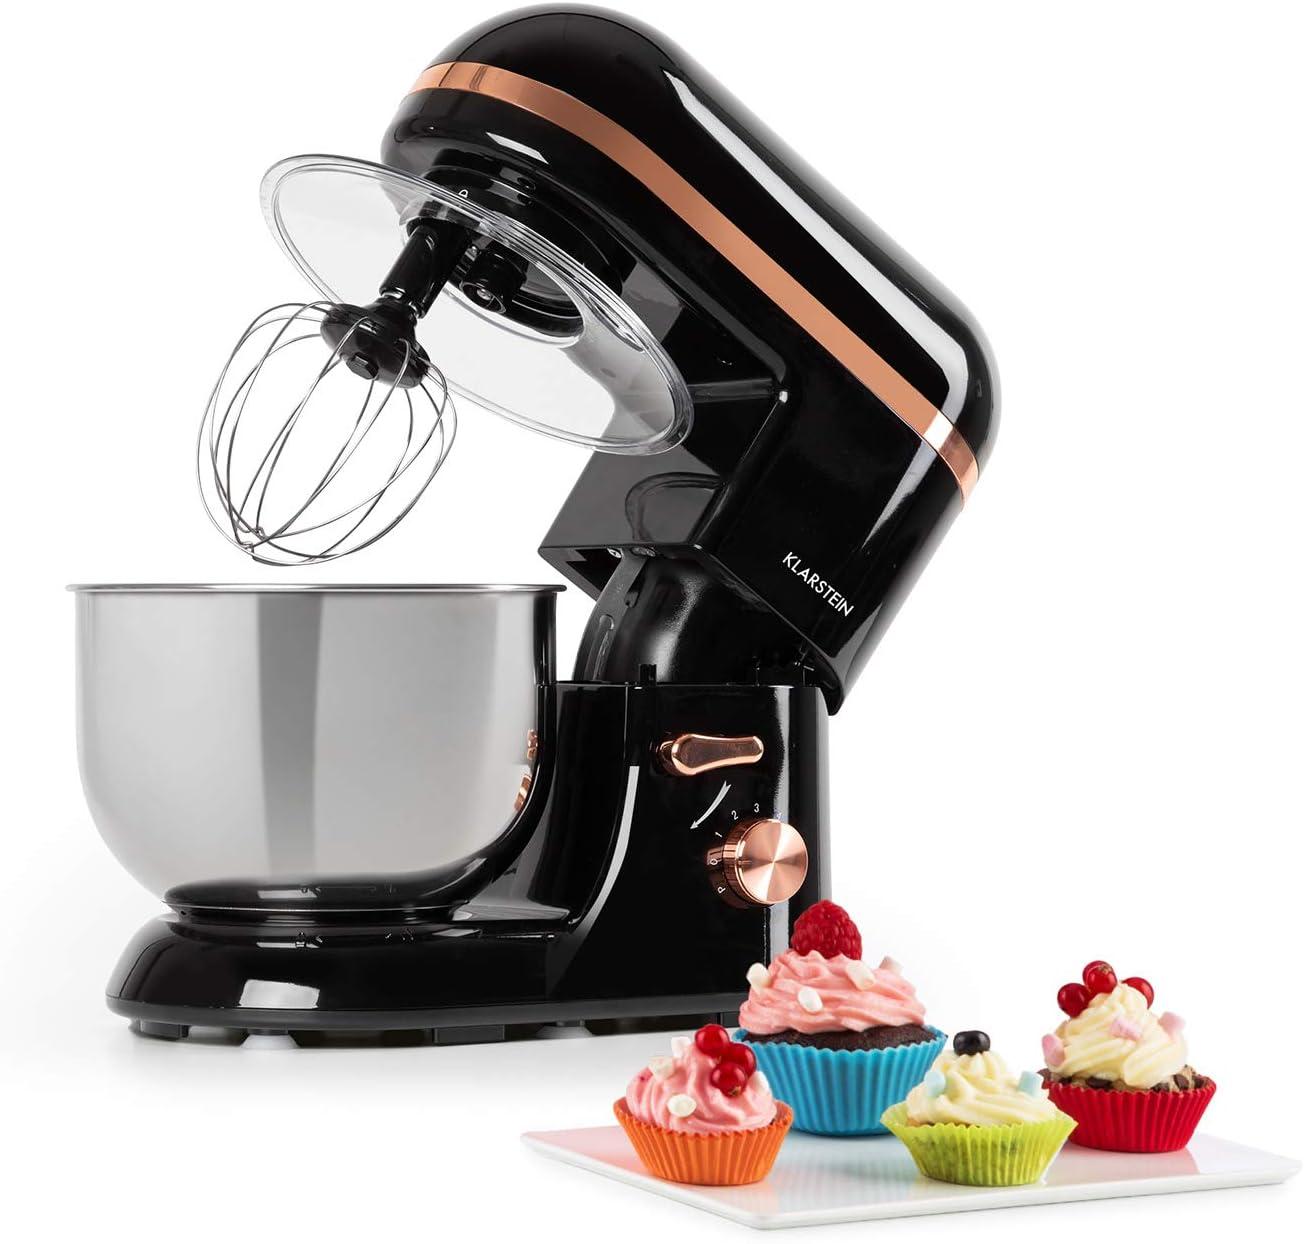 Klarstein Bella Elegance robot de cocina - 1300W/1,7PS en 6 niveles con función pulso, sistema de rotación planetario, cuenco de acero inoxidable de 5 l, 3 piezas de tono cobrizo, negro